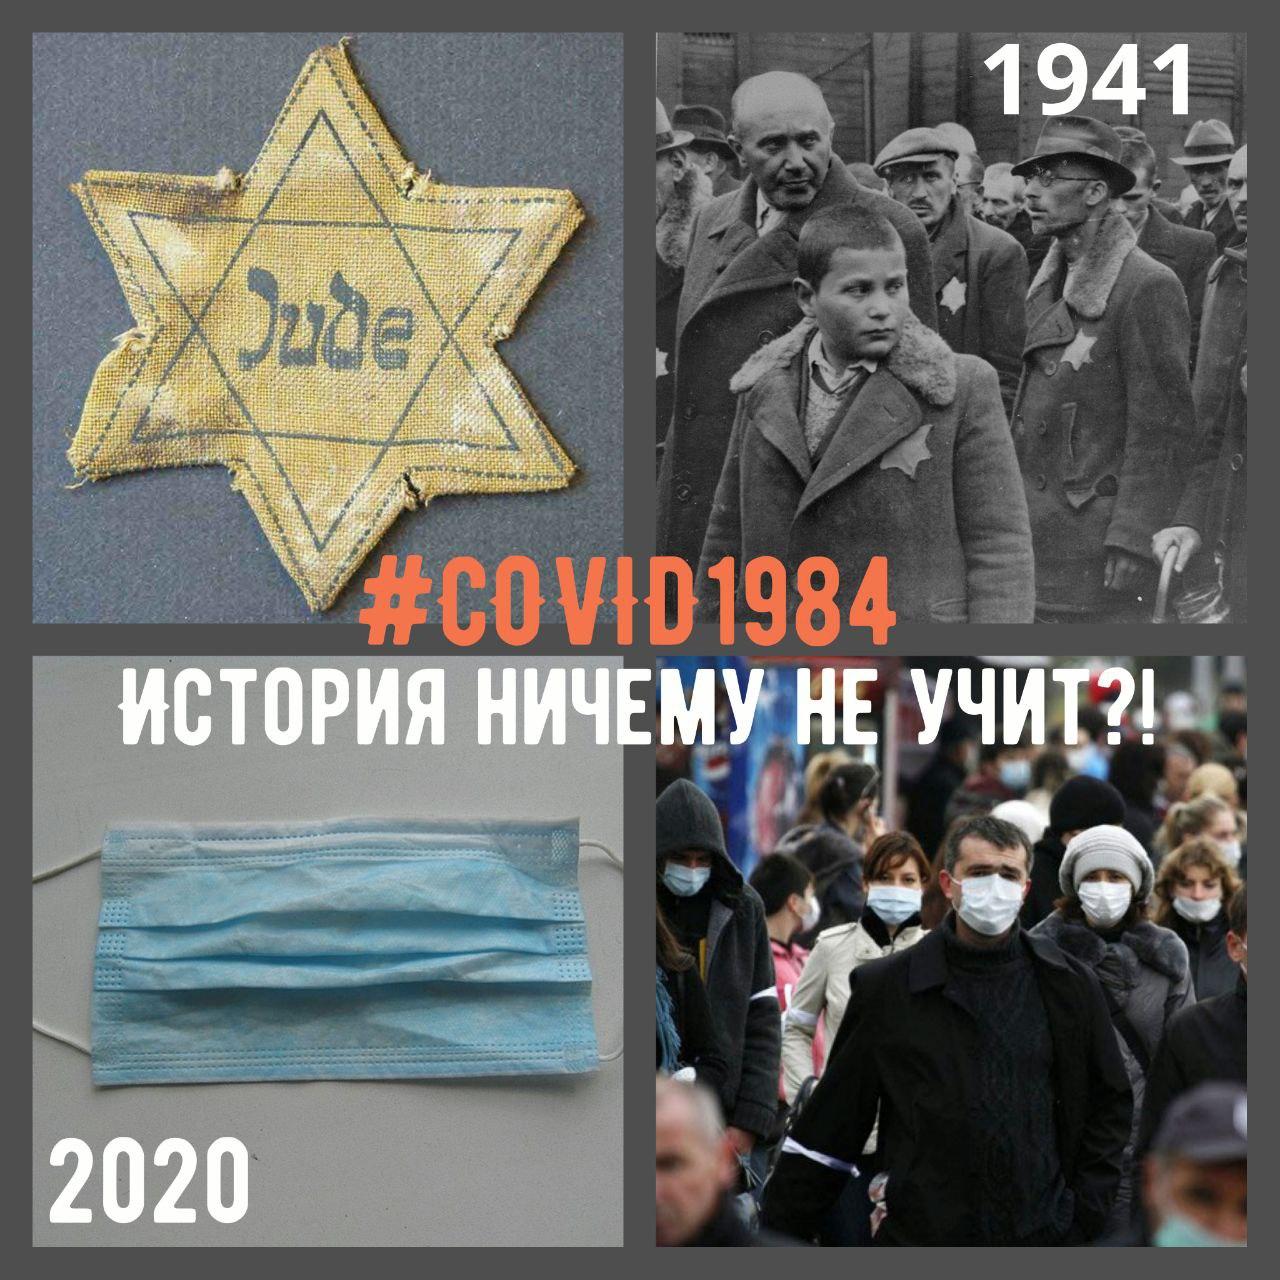 Тот самый Олень: «Новая ненормальность. Очень похожа на фашизм. Поэтому хочется заверить тех, кто стоит за этими вбросами, что в России хотят жить в «обычной нормальности», а не в «новой ненормальности». Фашизм здесь, в том числе коронавирусный, не пройдет.» (14.10.20)